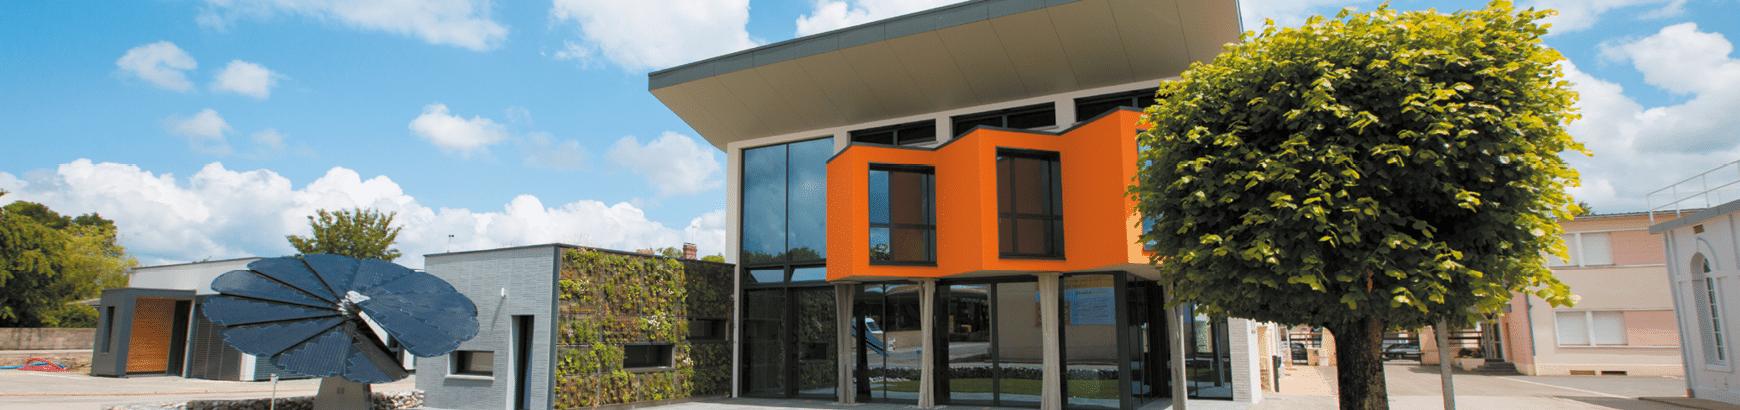 YRYS, le nouveau concept de maison du Groupe HEXAOM